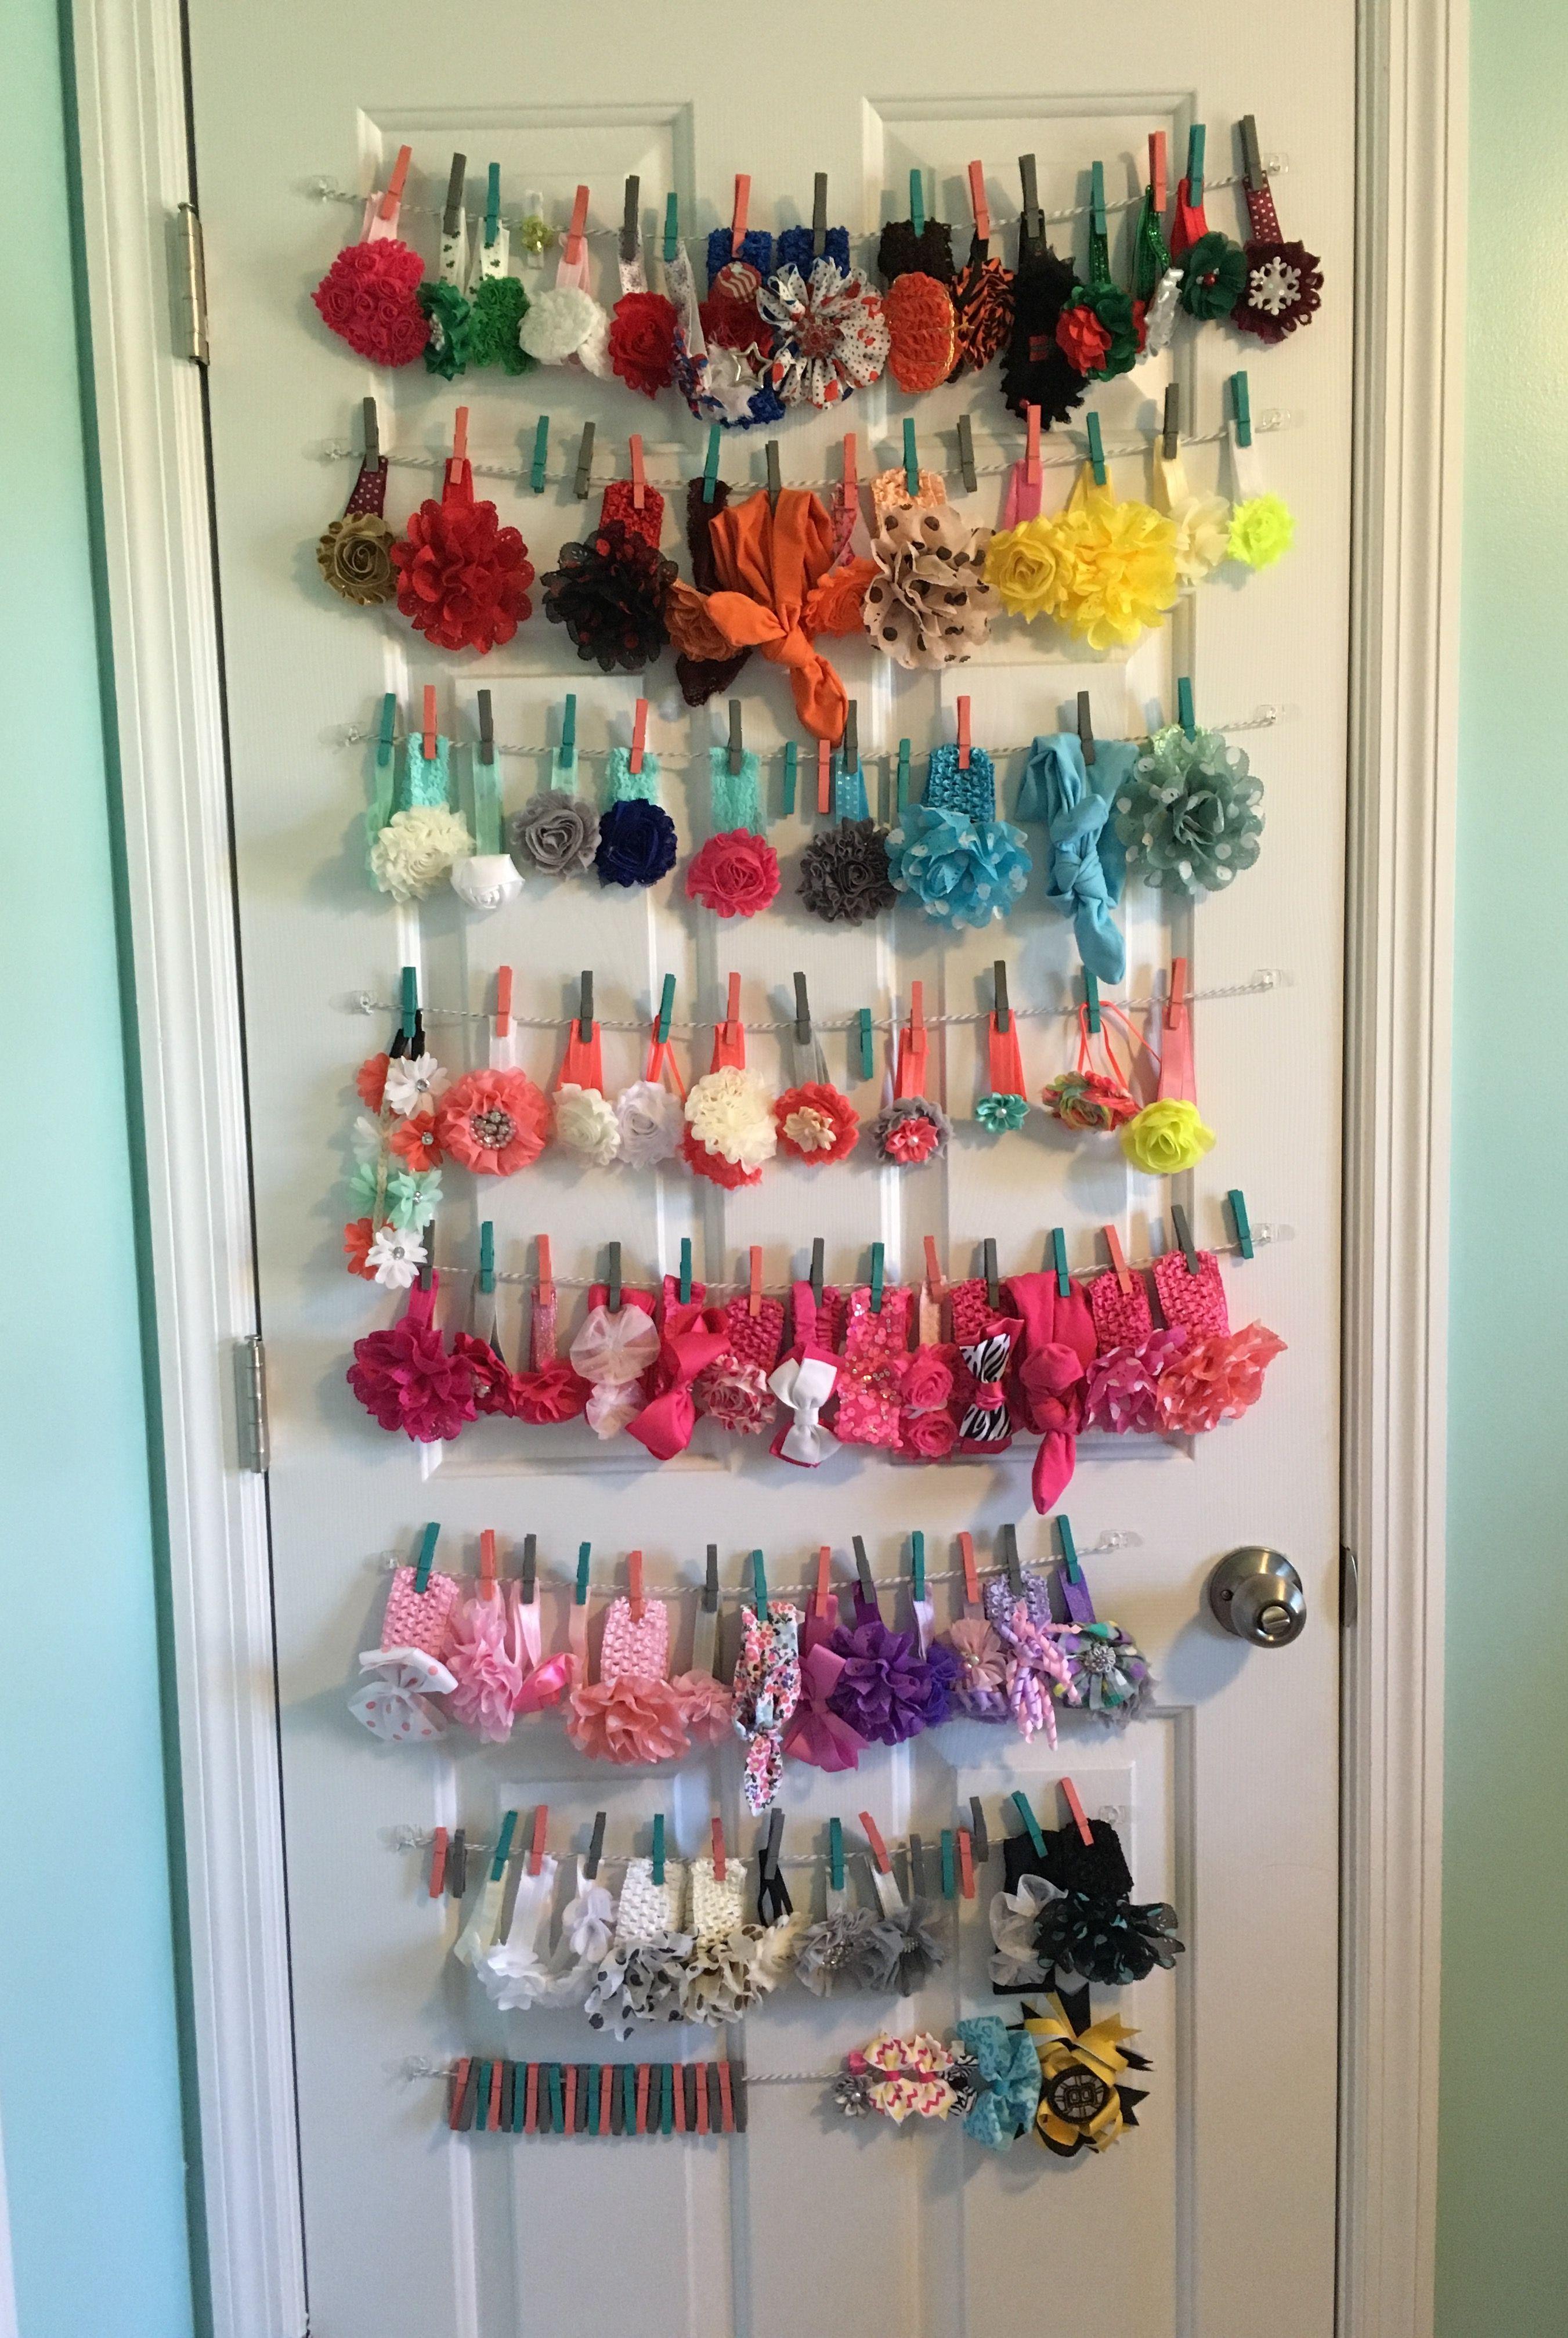 Headband Display Baby Nursery Door Clothespins Headbands Girl Toddler Room Decor Girls